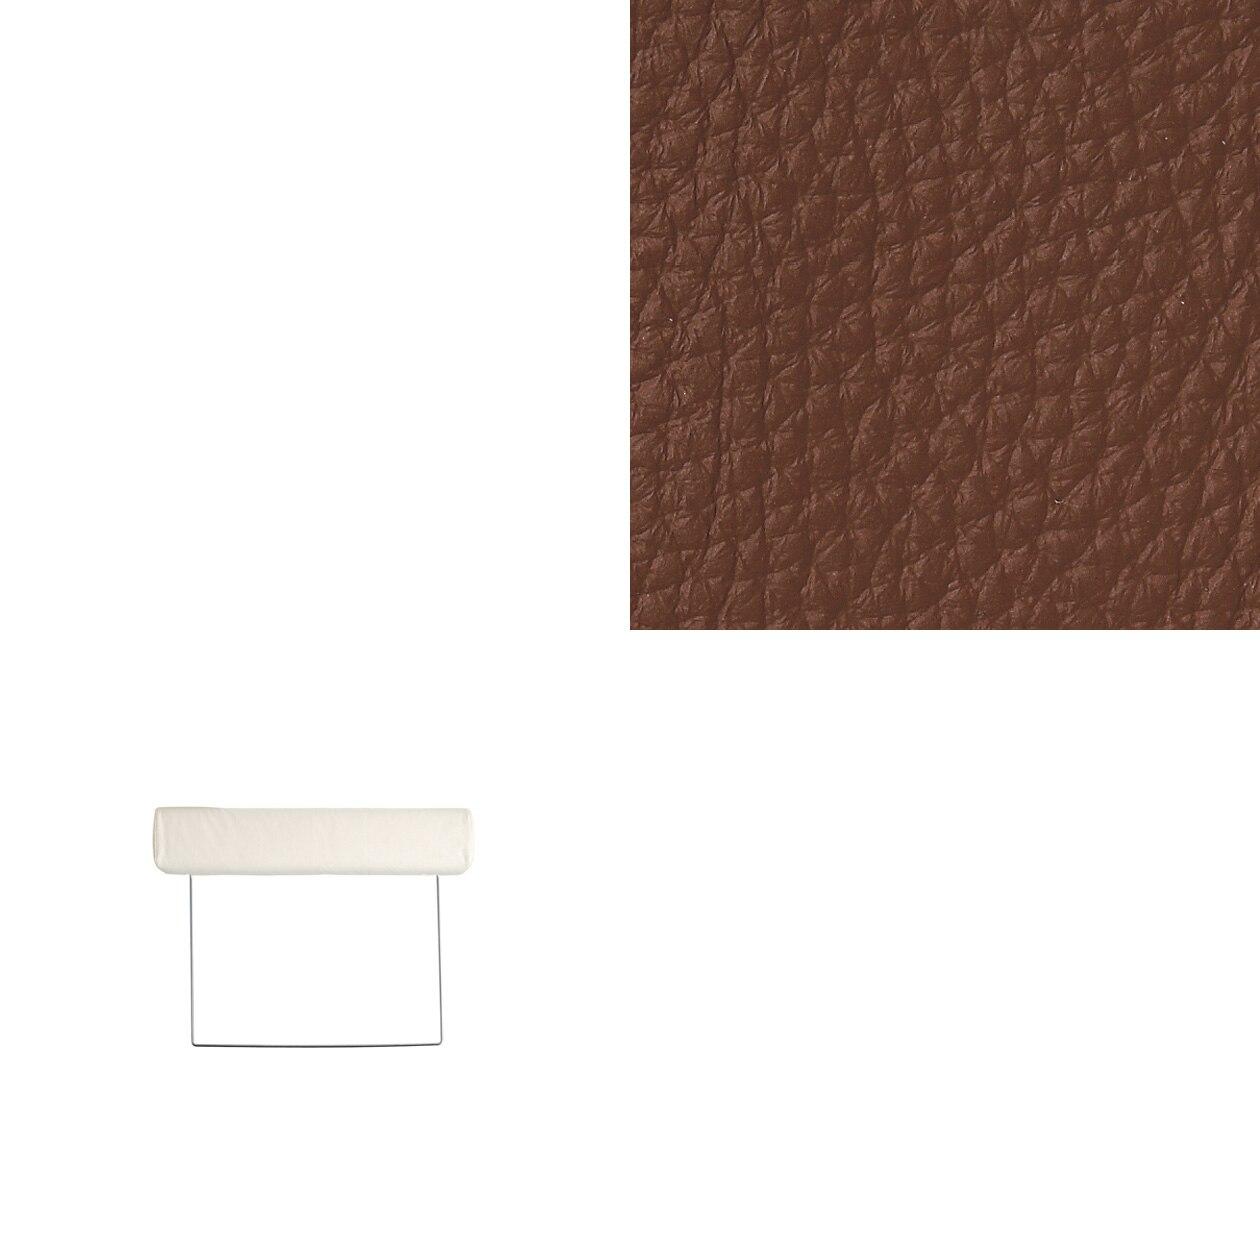 ソファ本体ヘッドレスト・3シーター用革カバー/茶